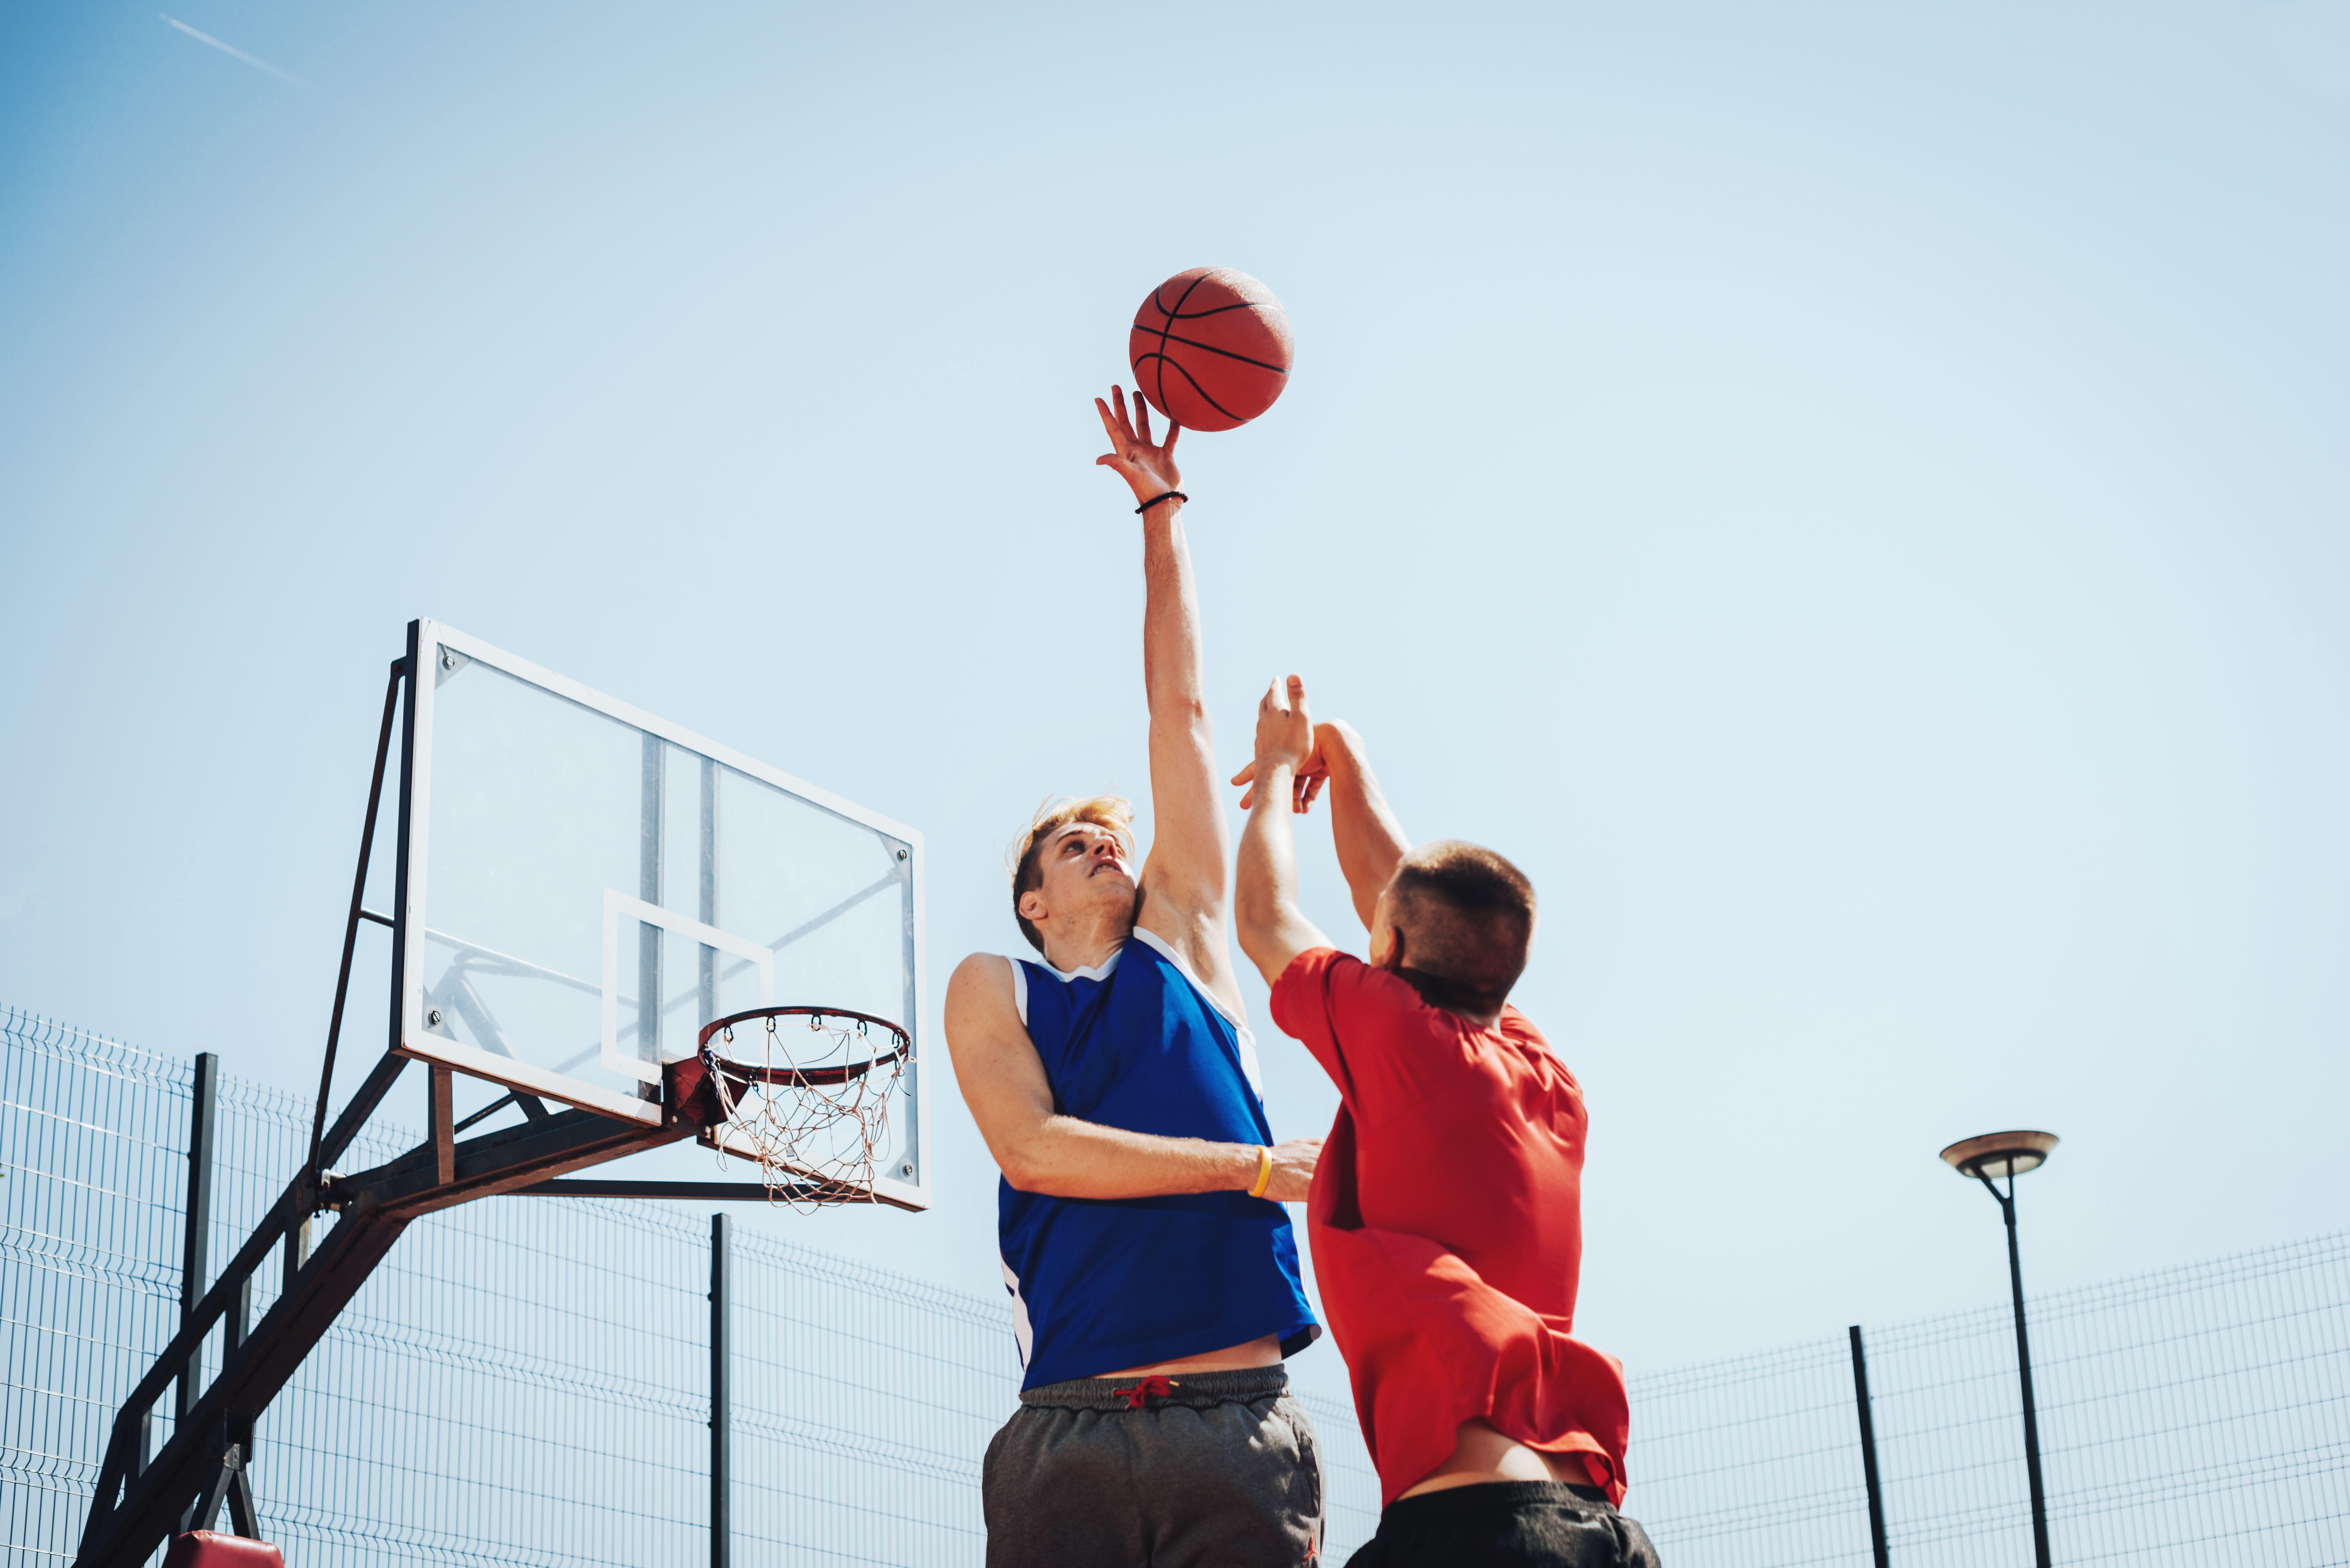 basketball-players.jpg#asset:26281